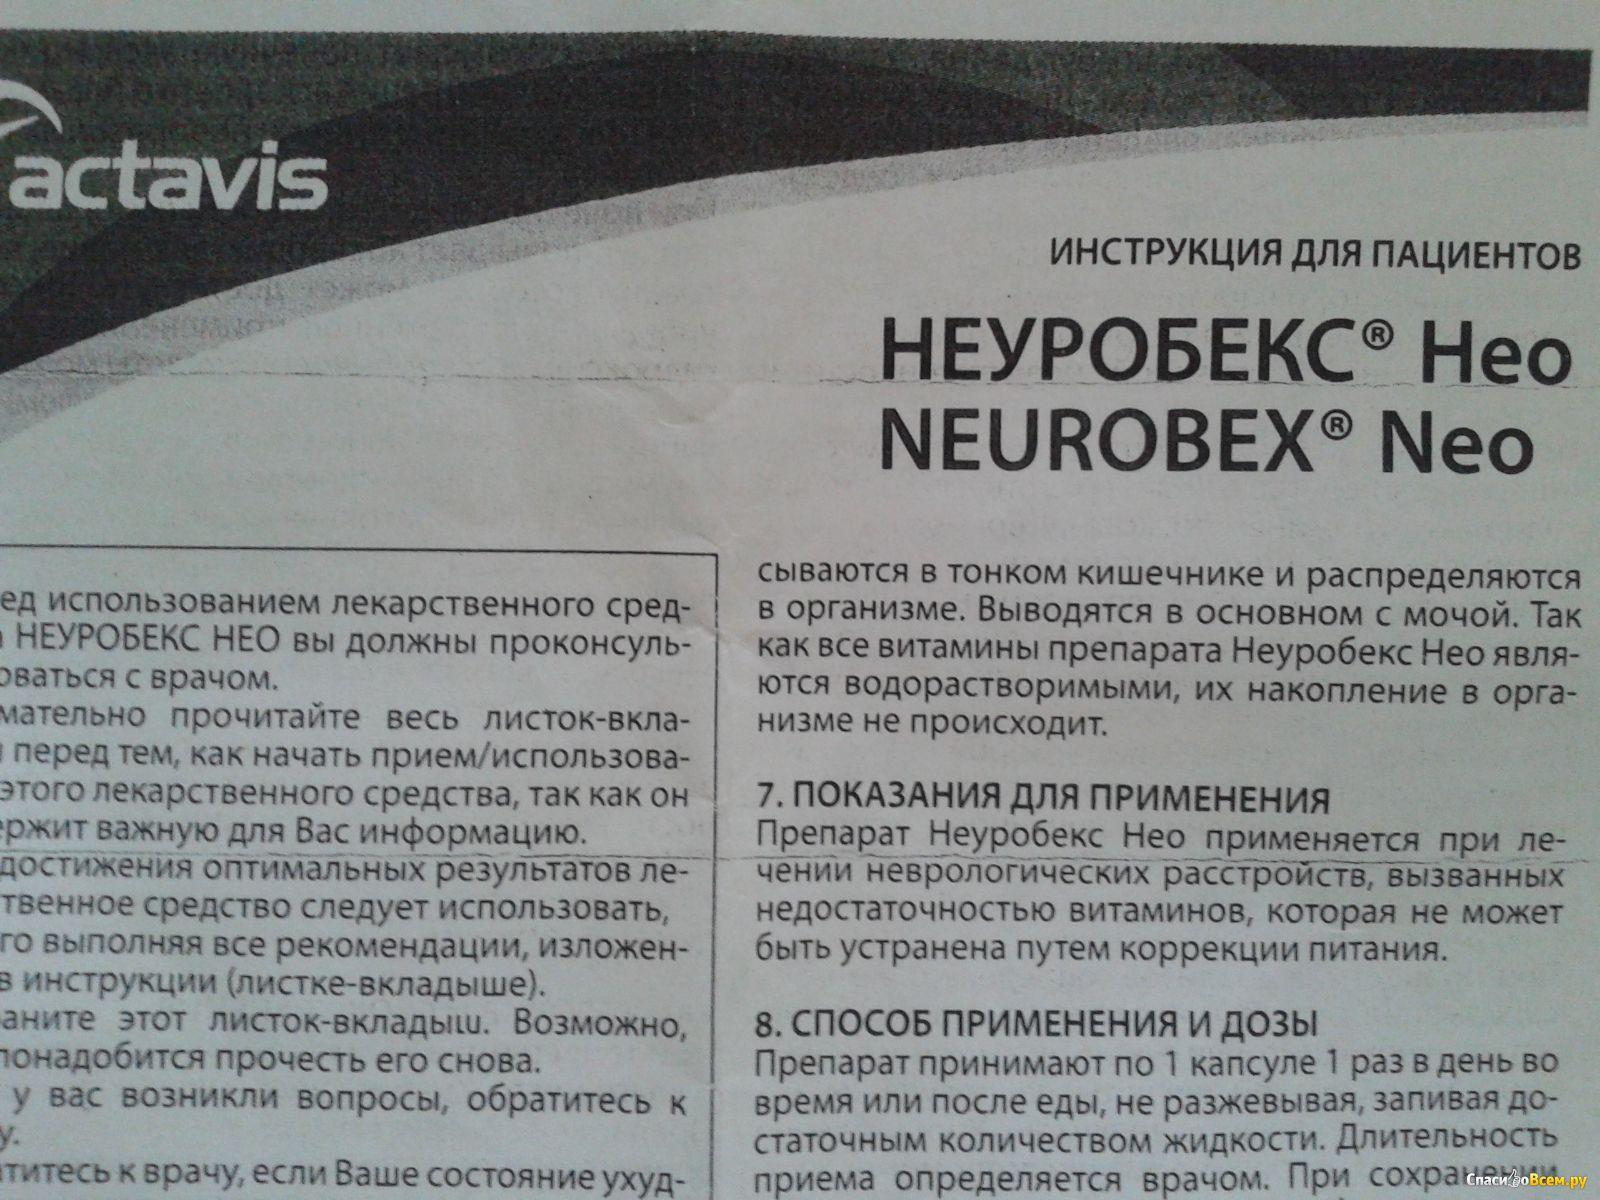 Витамины неуробекс нео: состав комплекса и инструкция по применению